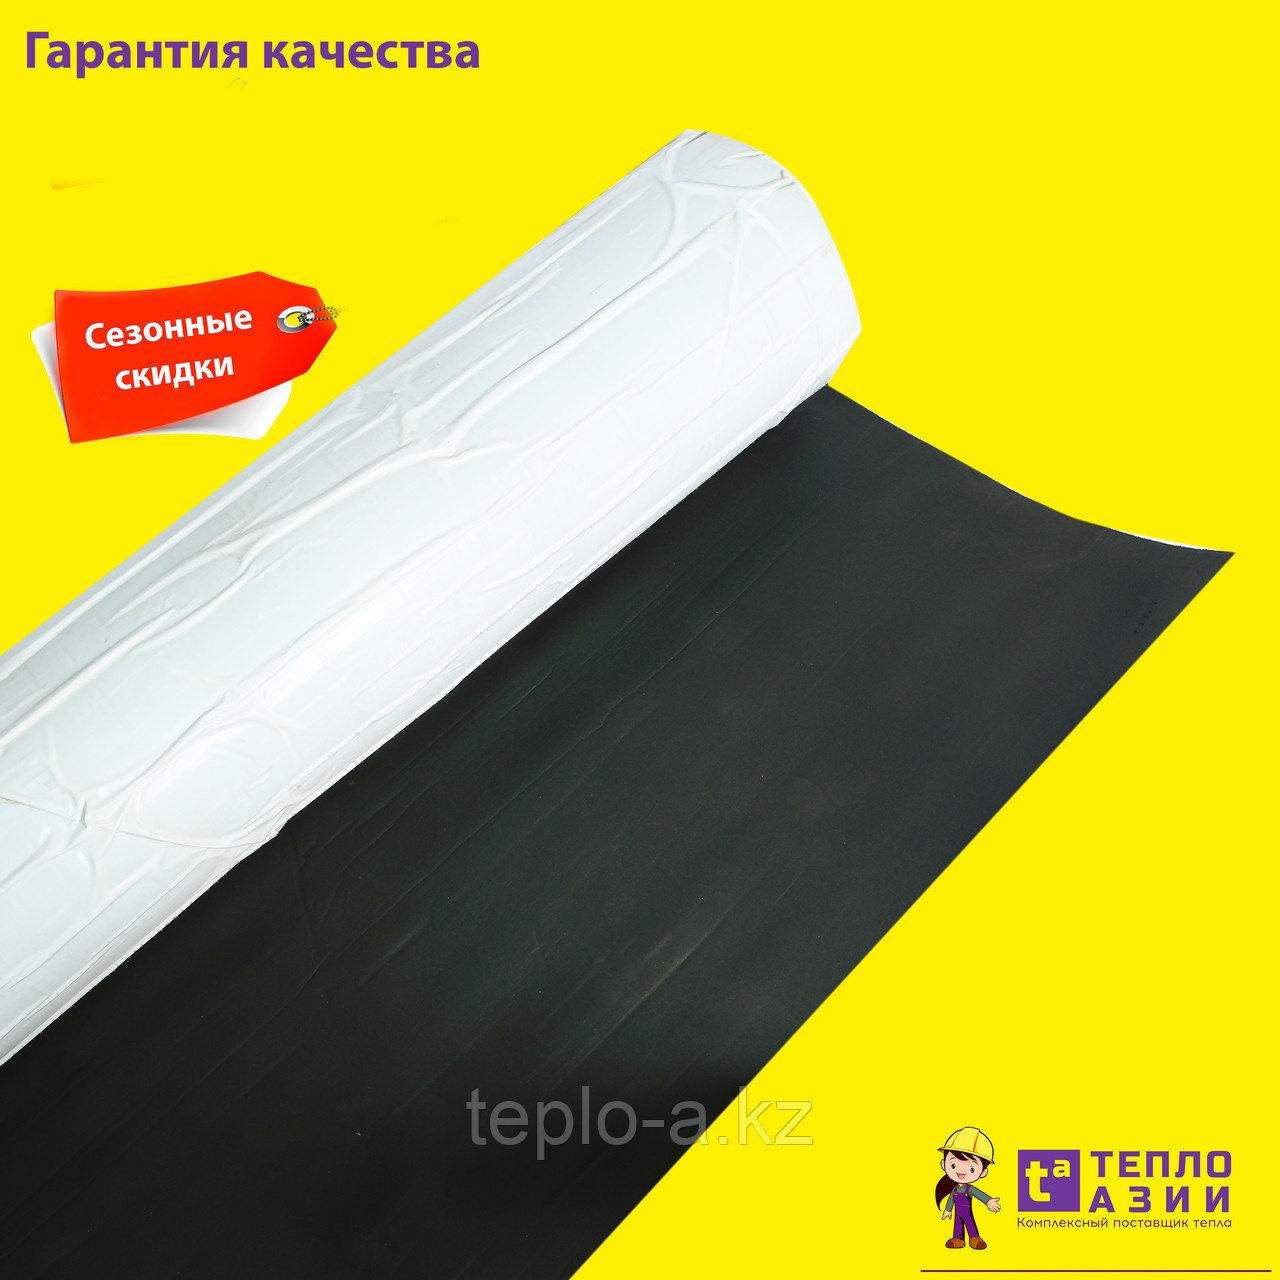 Рулонная изоляция , каучуковая , самоклеющаяся 9 мм